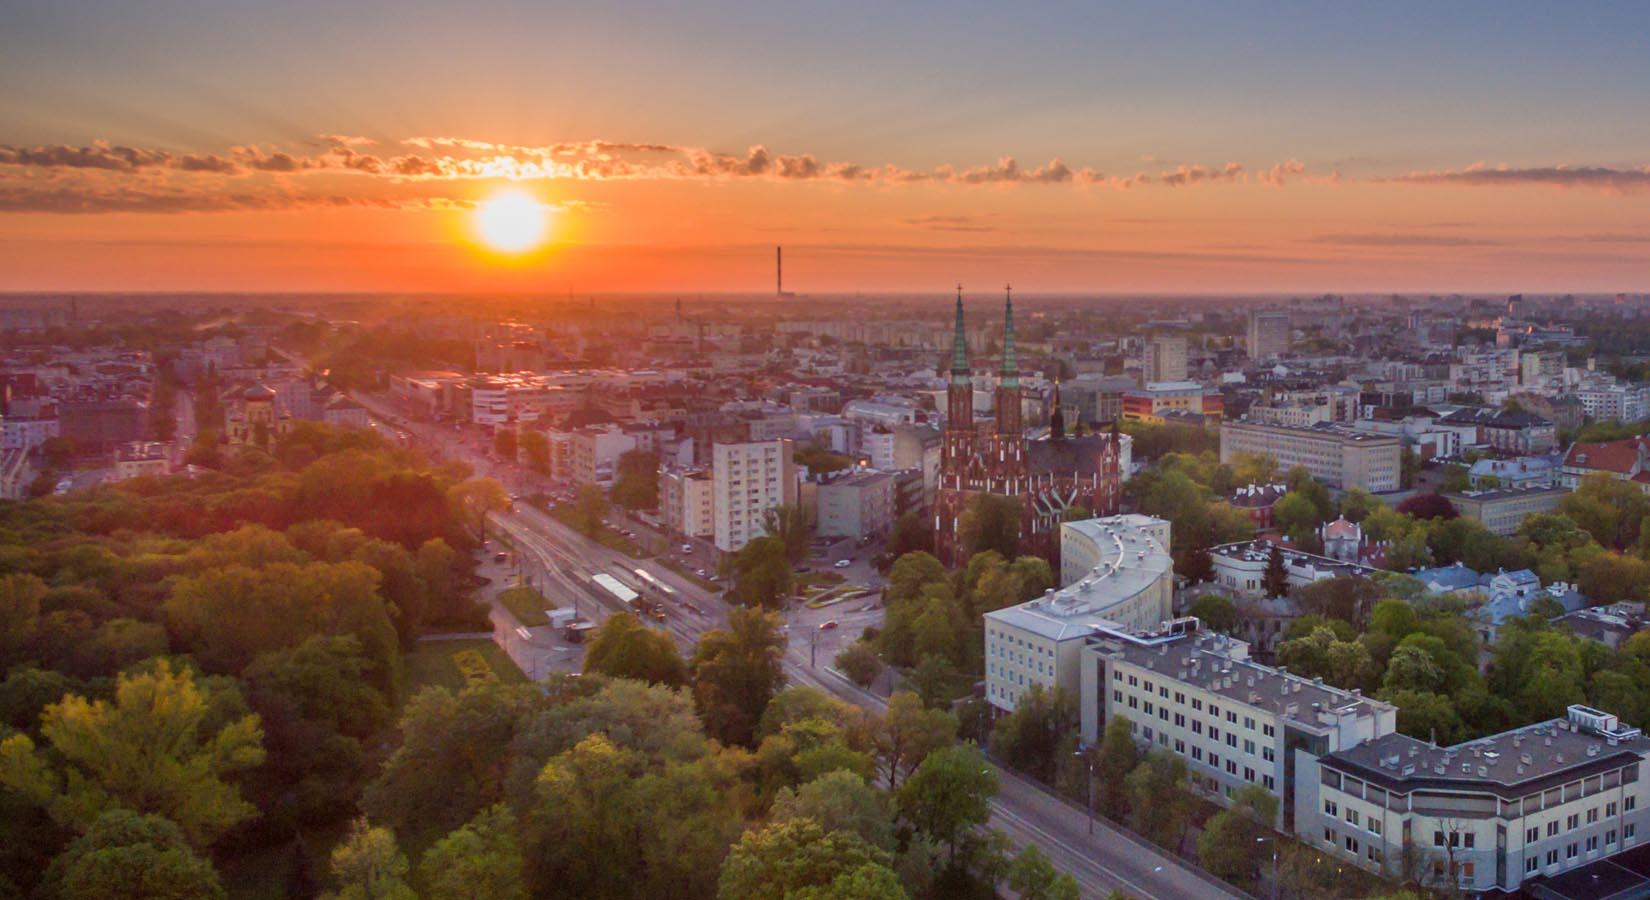 Zachodzące słońce nad miastem - zdjęcie z drona